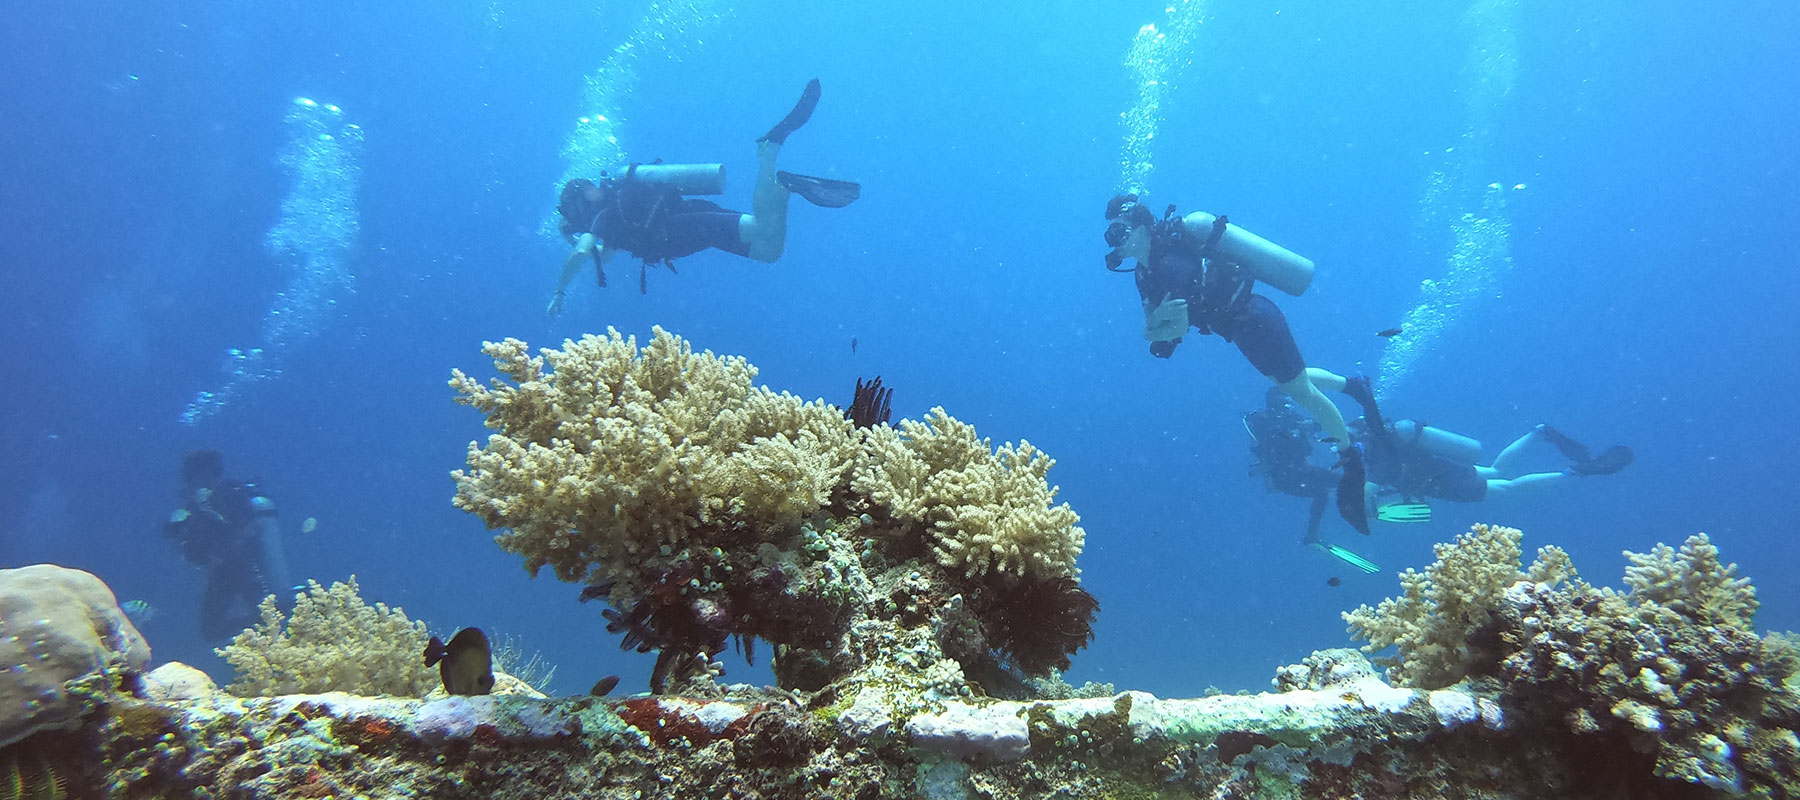 diving in gili nanggu waters